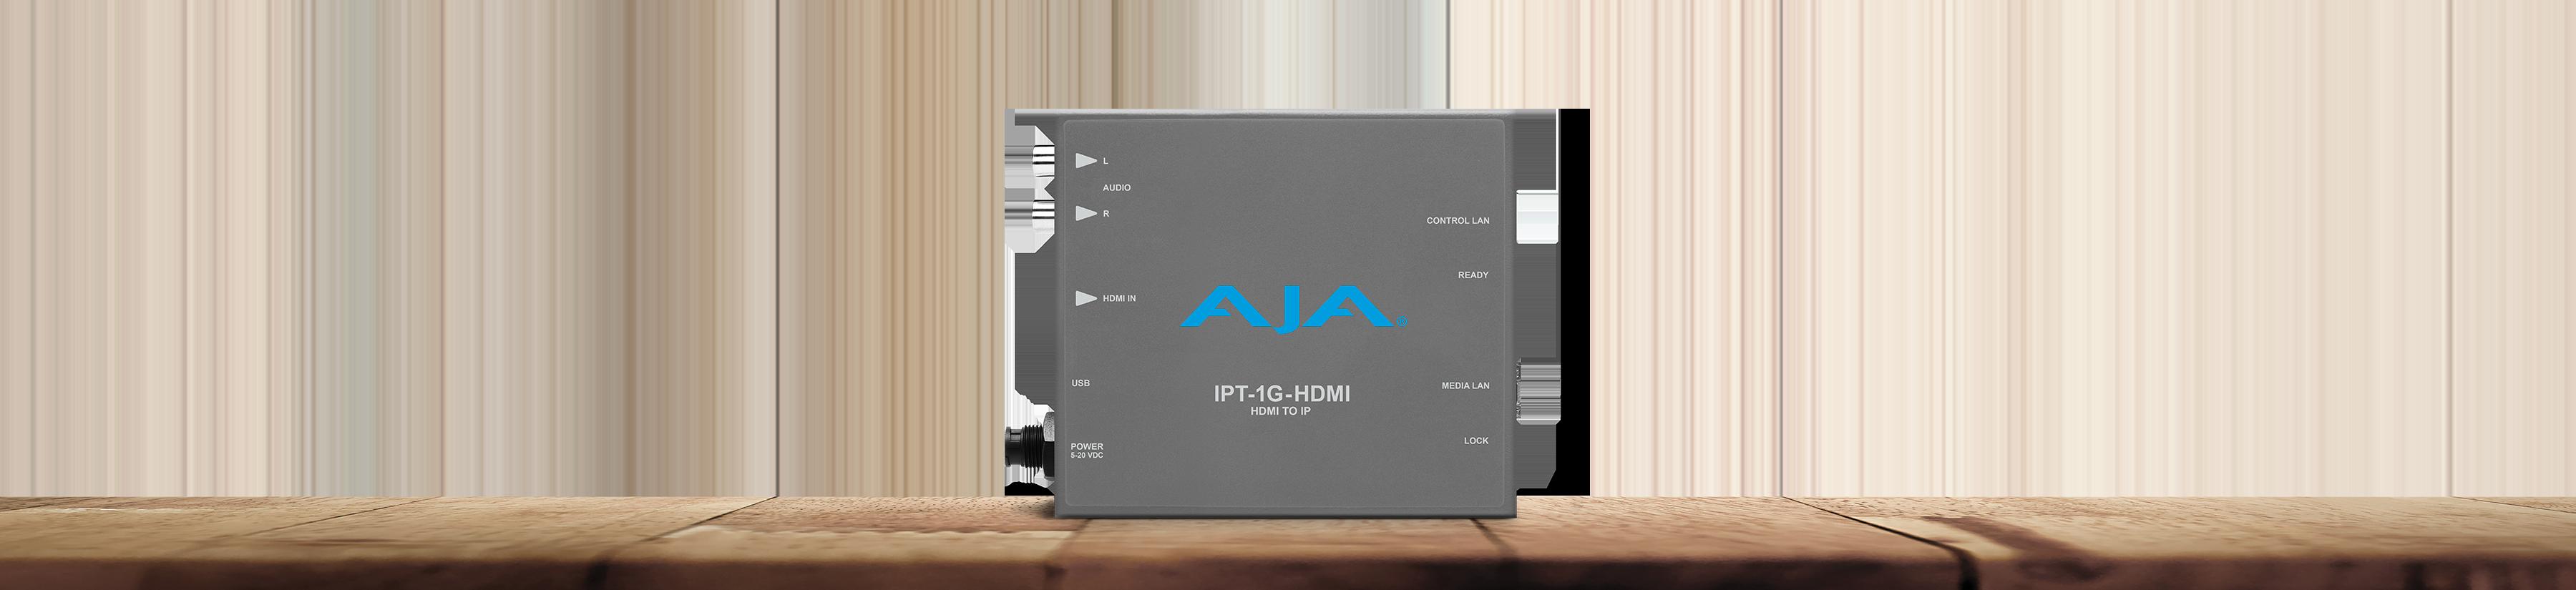 IPT-1G-HDMI